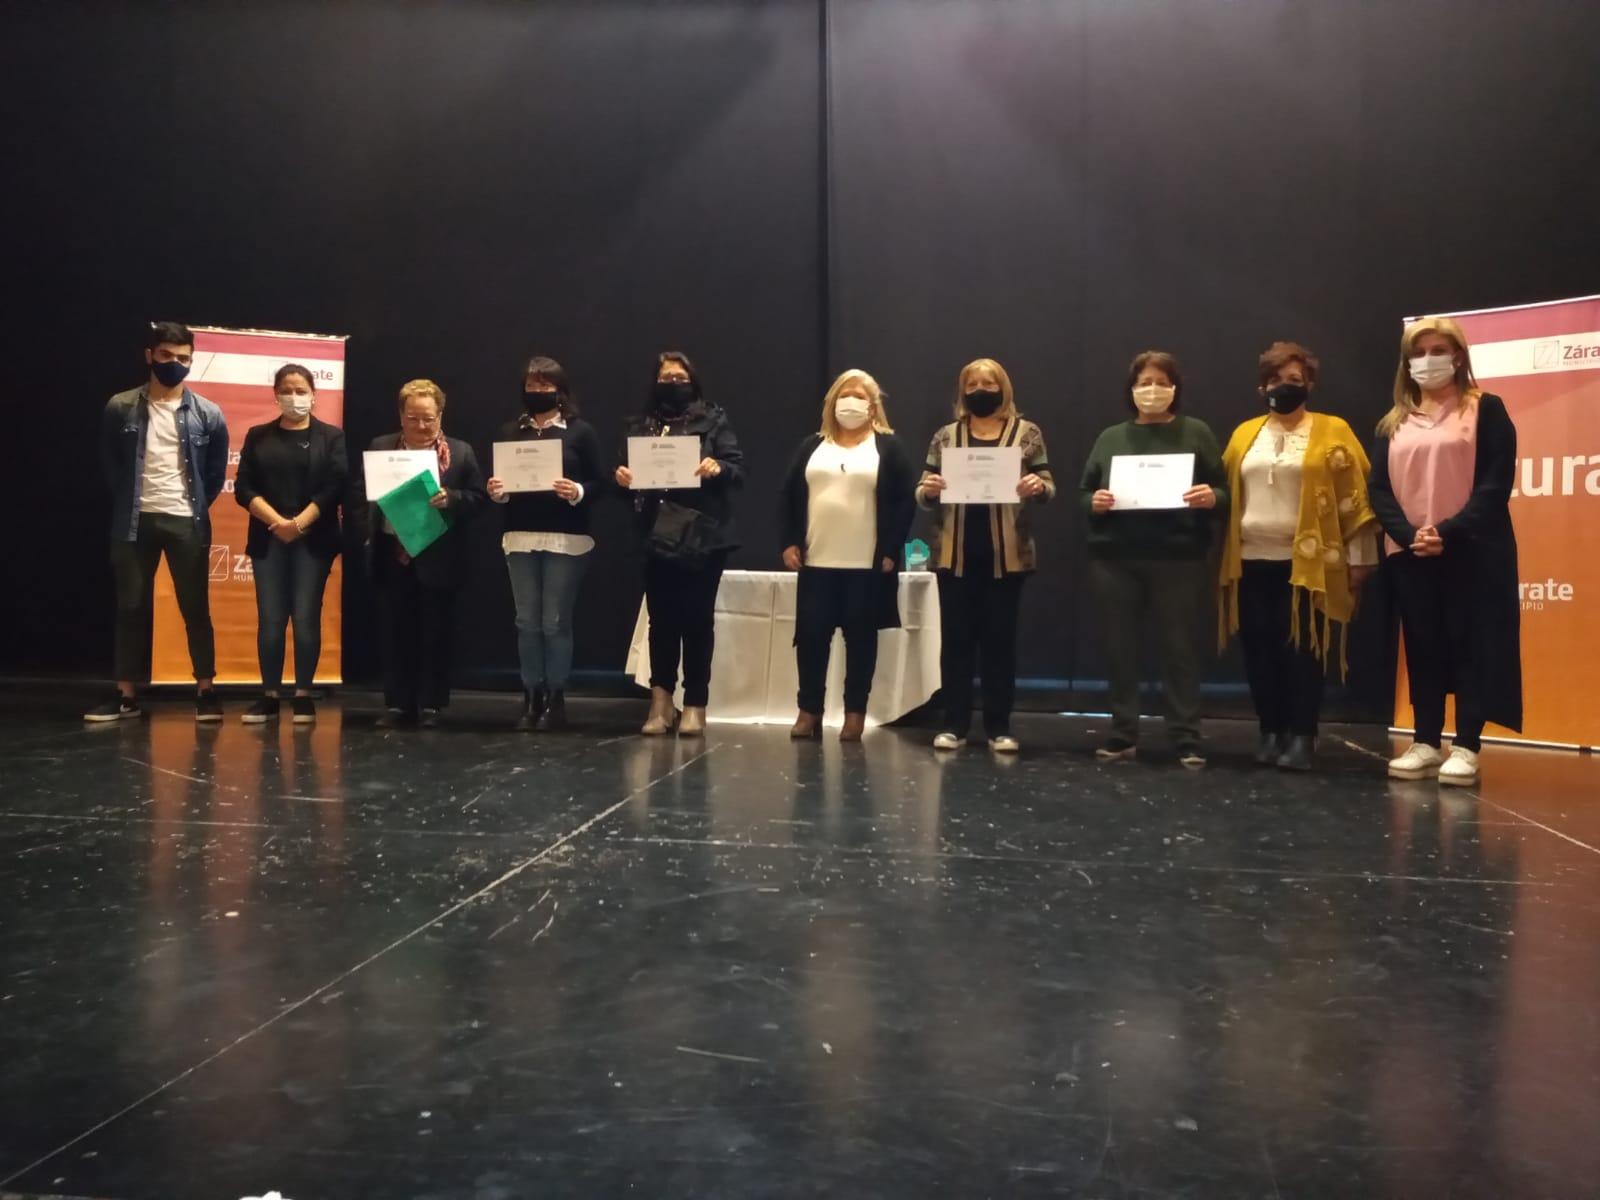 El Municipio entregó diplomas a los adultos mayores que participaron de los Juegos Bonaerenses